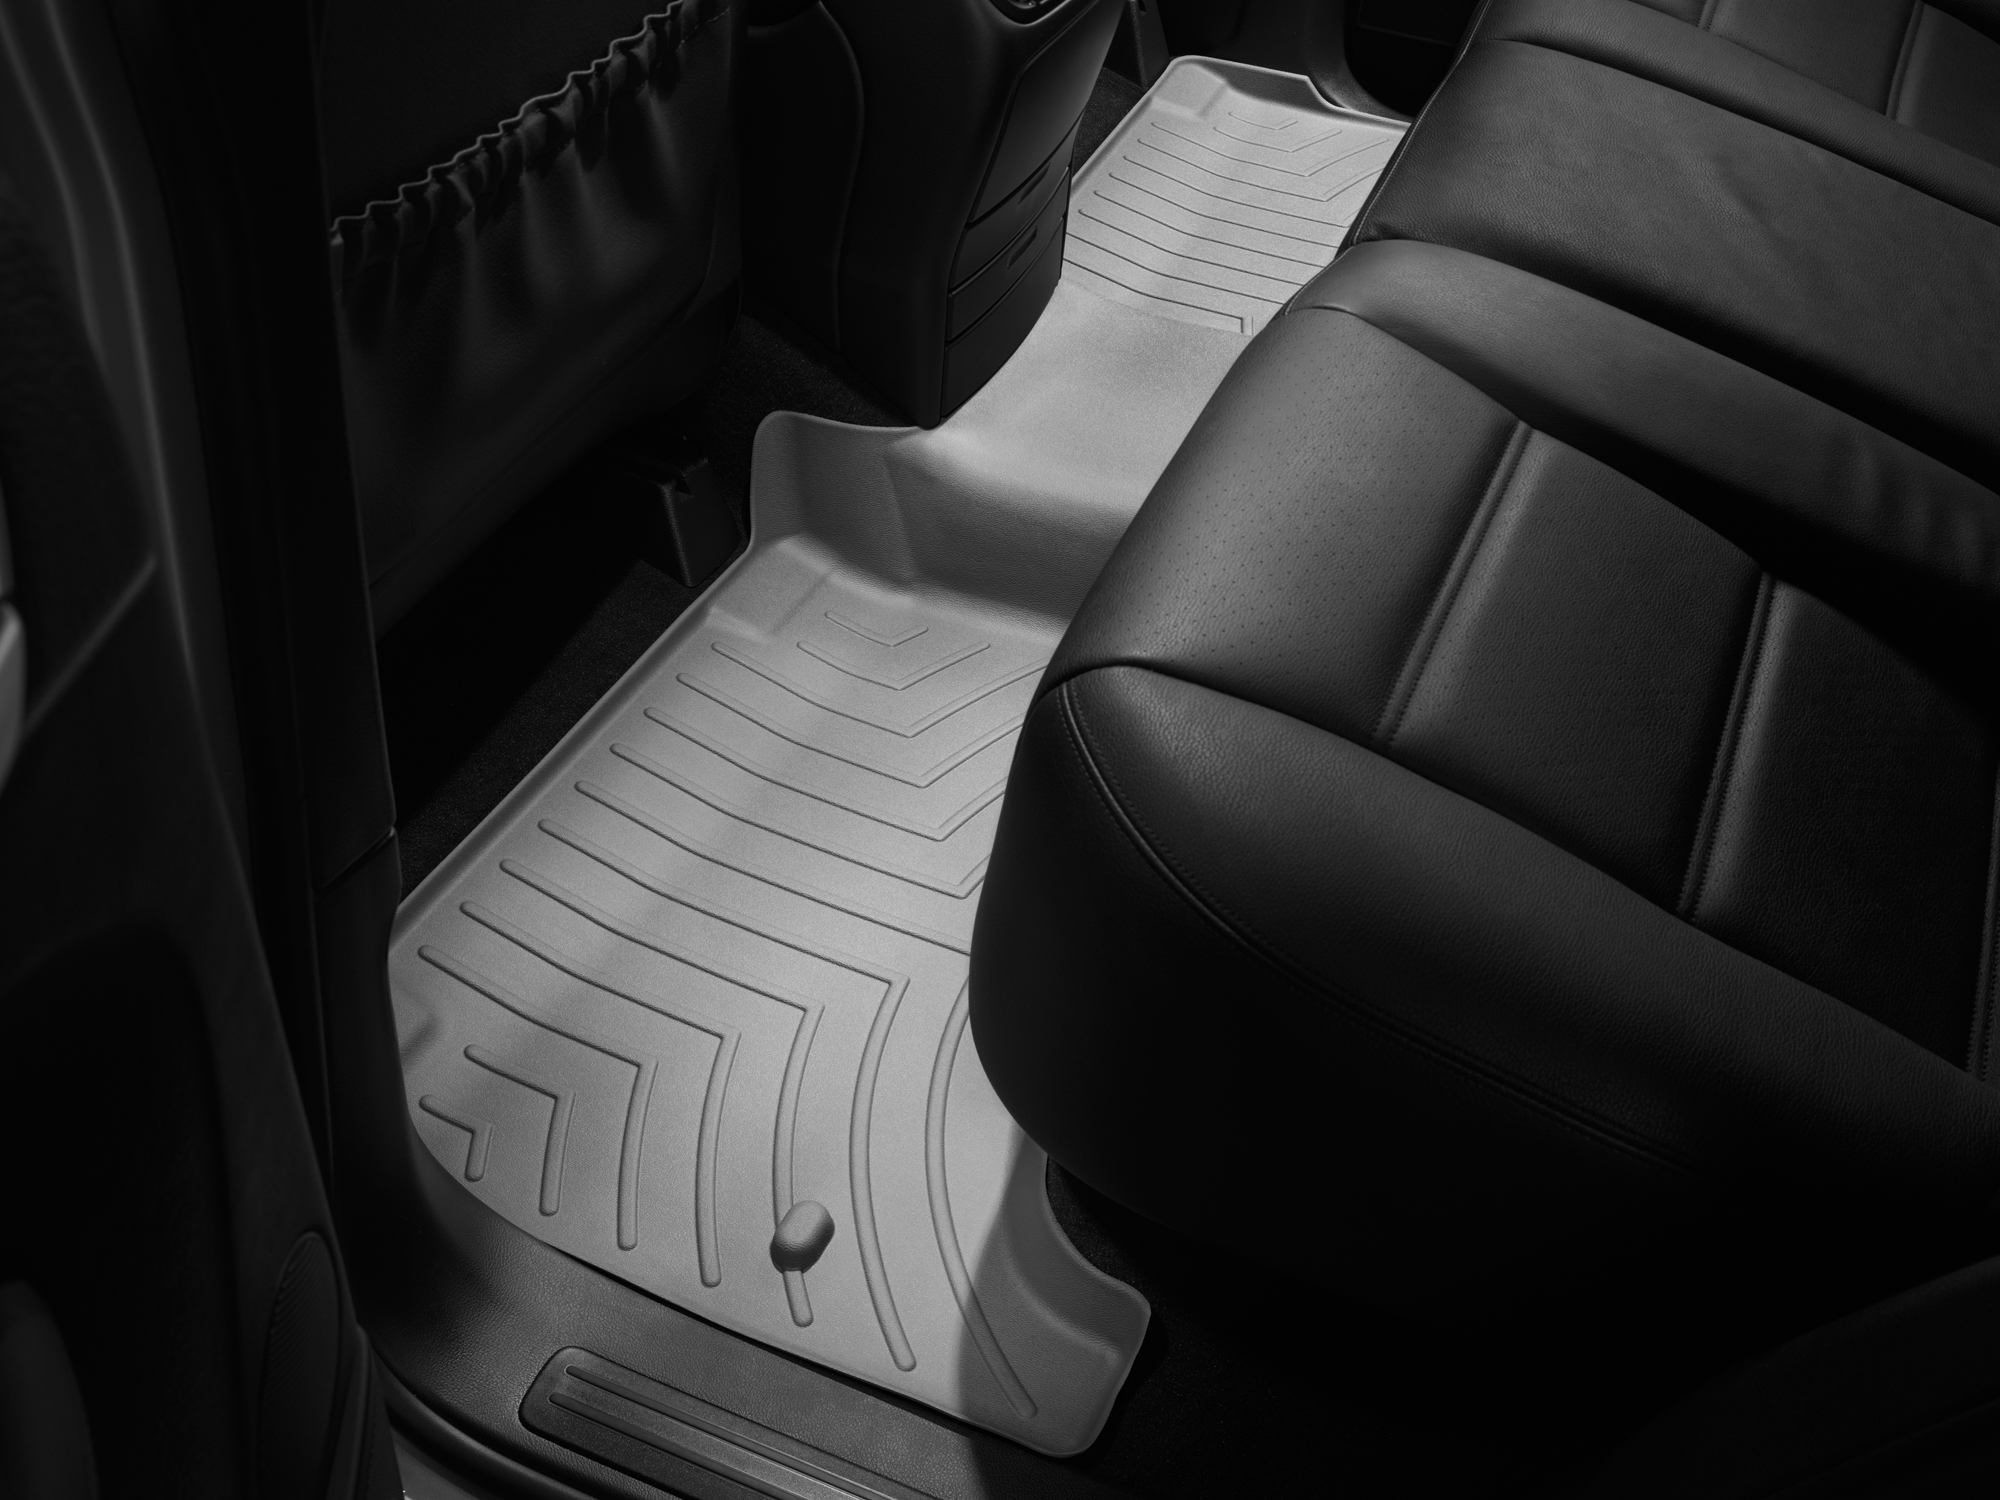 Tappeti gomma su misura bordo alto Porsche® Cayenne® 10>10 Grigio A3132